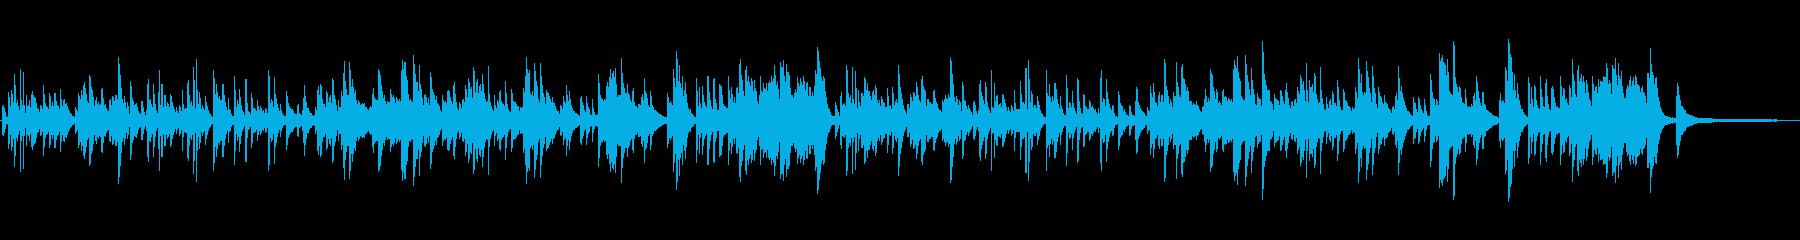 悲しい 切ないシーン向け ピアノソロの再生済みの波形